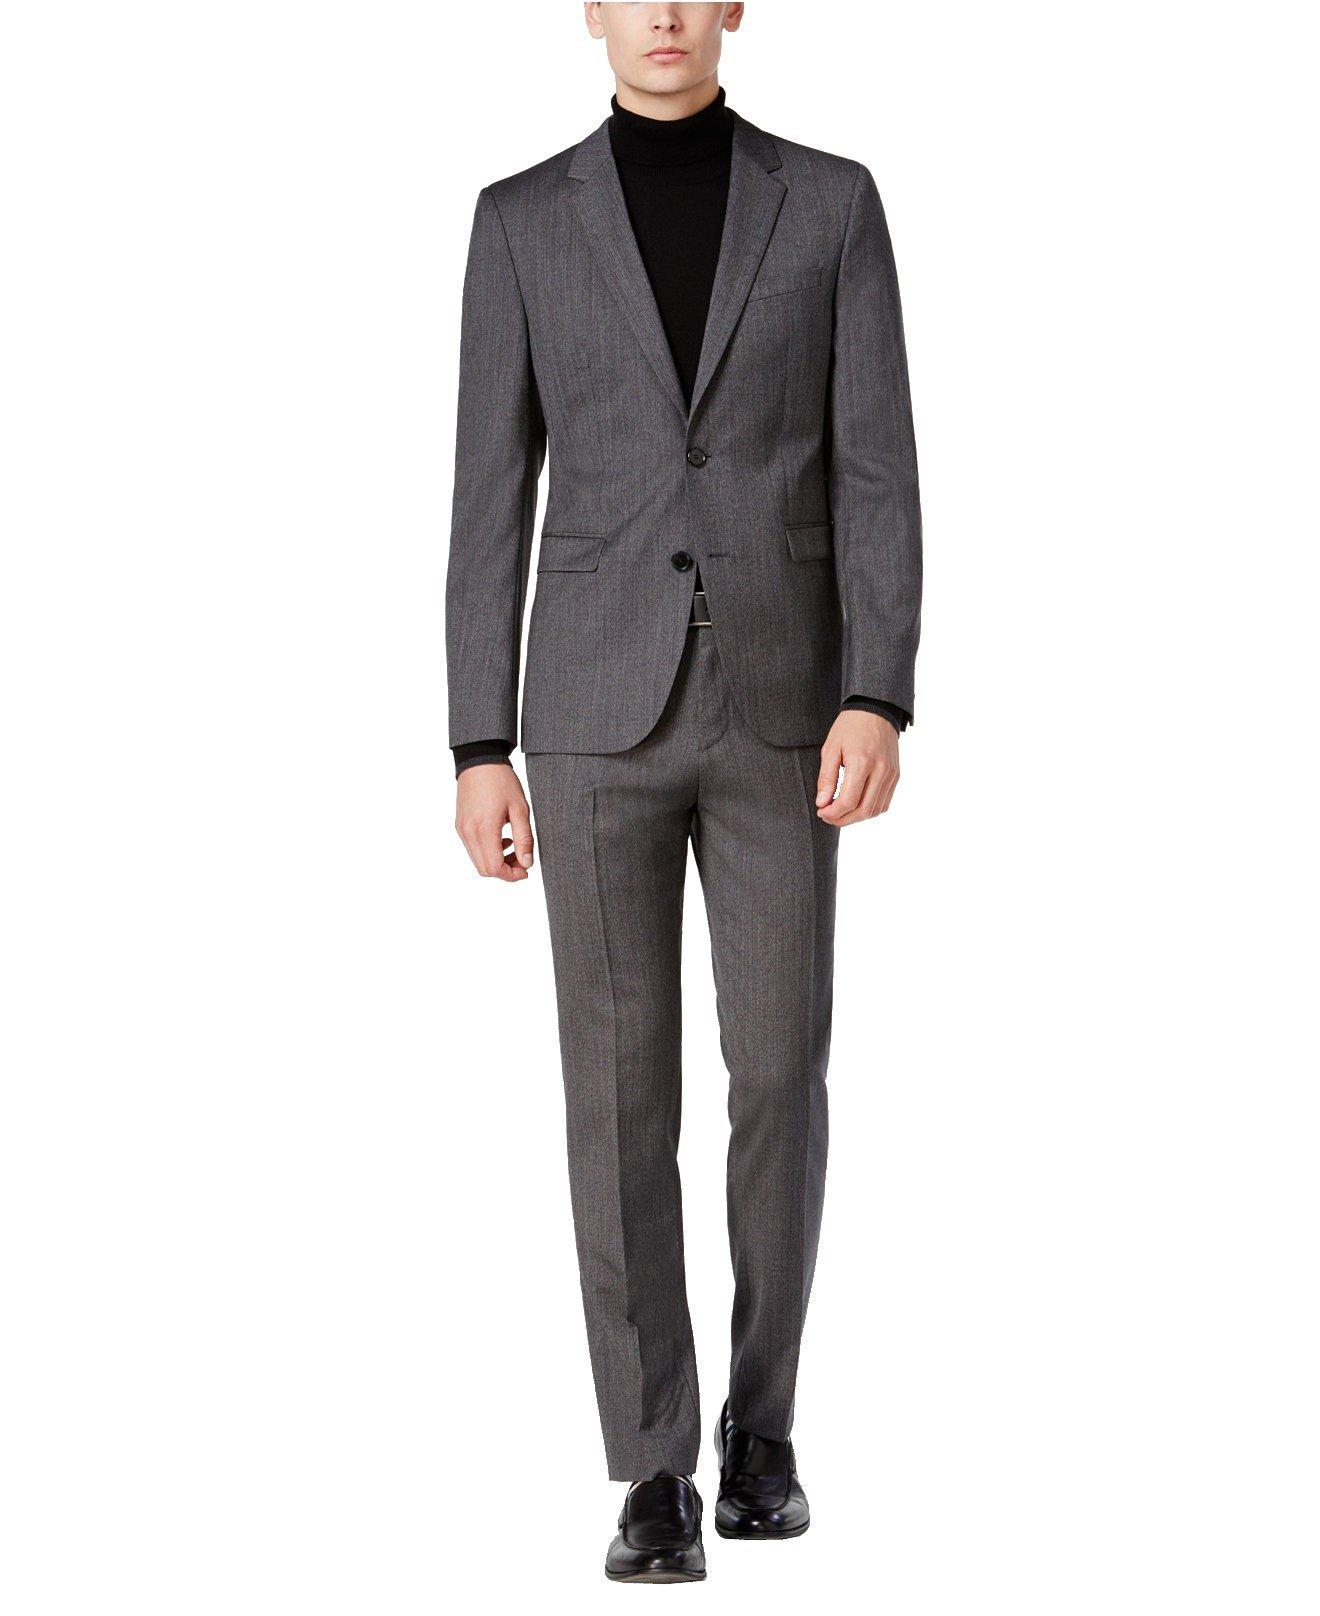 Hugo Boss Astian/Hets Extra Slim Fit 2 Piece Men's 100% Virgin Wool Suit Melange Herringbone 50320624 033 by HUGO (46 Regular USA Jacket / 40 Waist Pants)